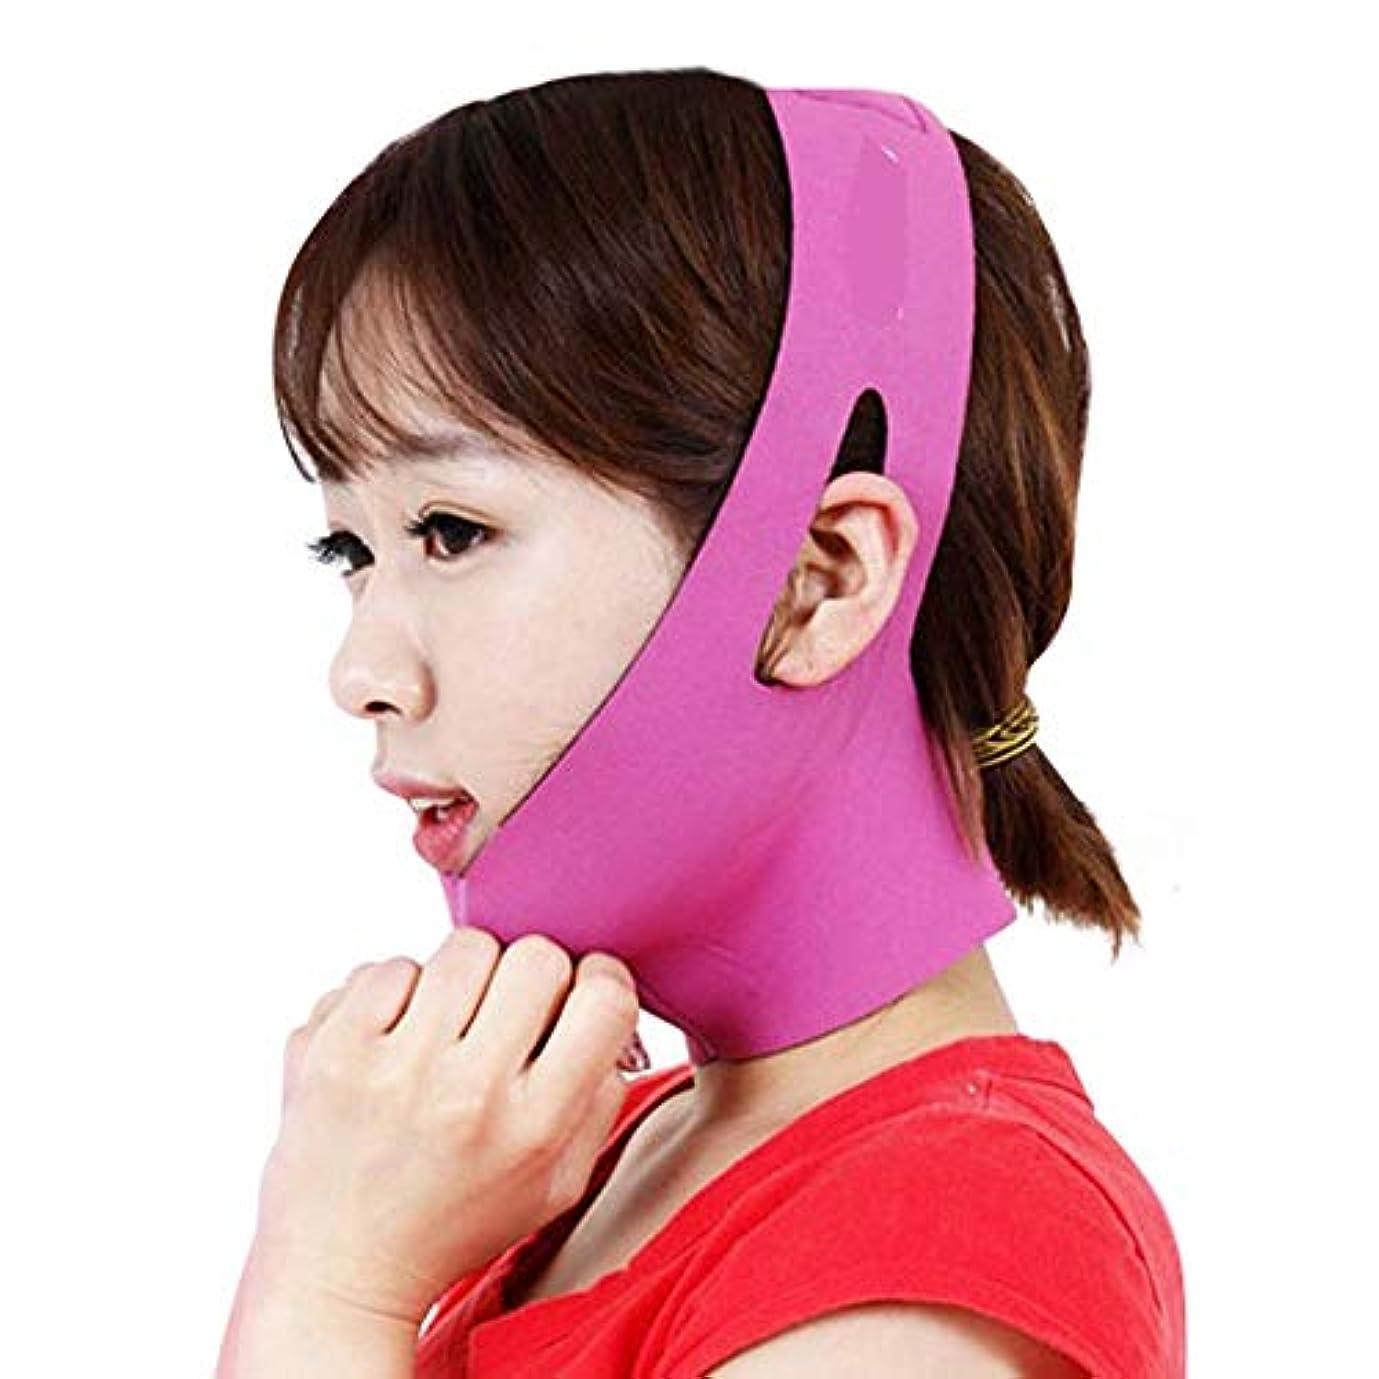 全体に薬局筋肉のJia Jia- フェイシャルリフティング痩身ベルト圧縮二重あご減量ベルトスキンケア薄い顔包帯二重あごワークアウト 顔面包帯 (色 : ピンク)